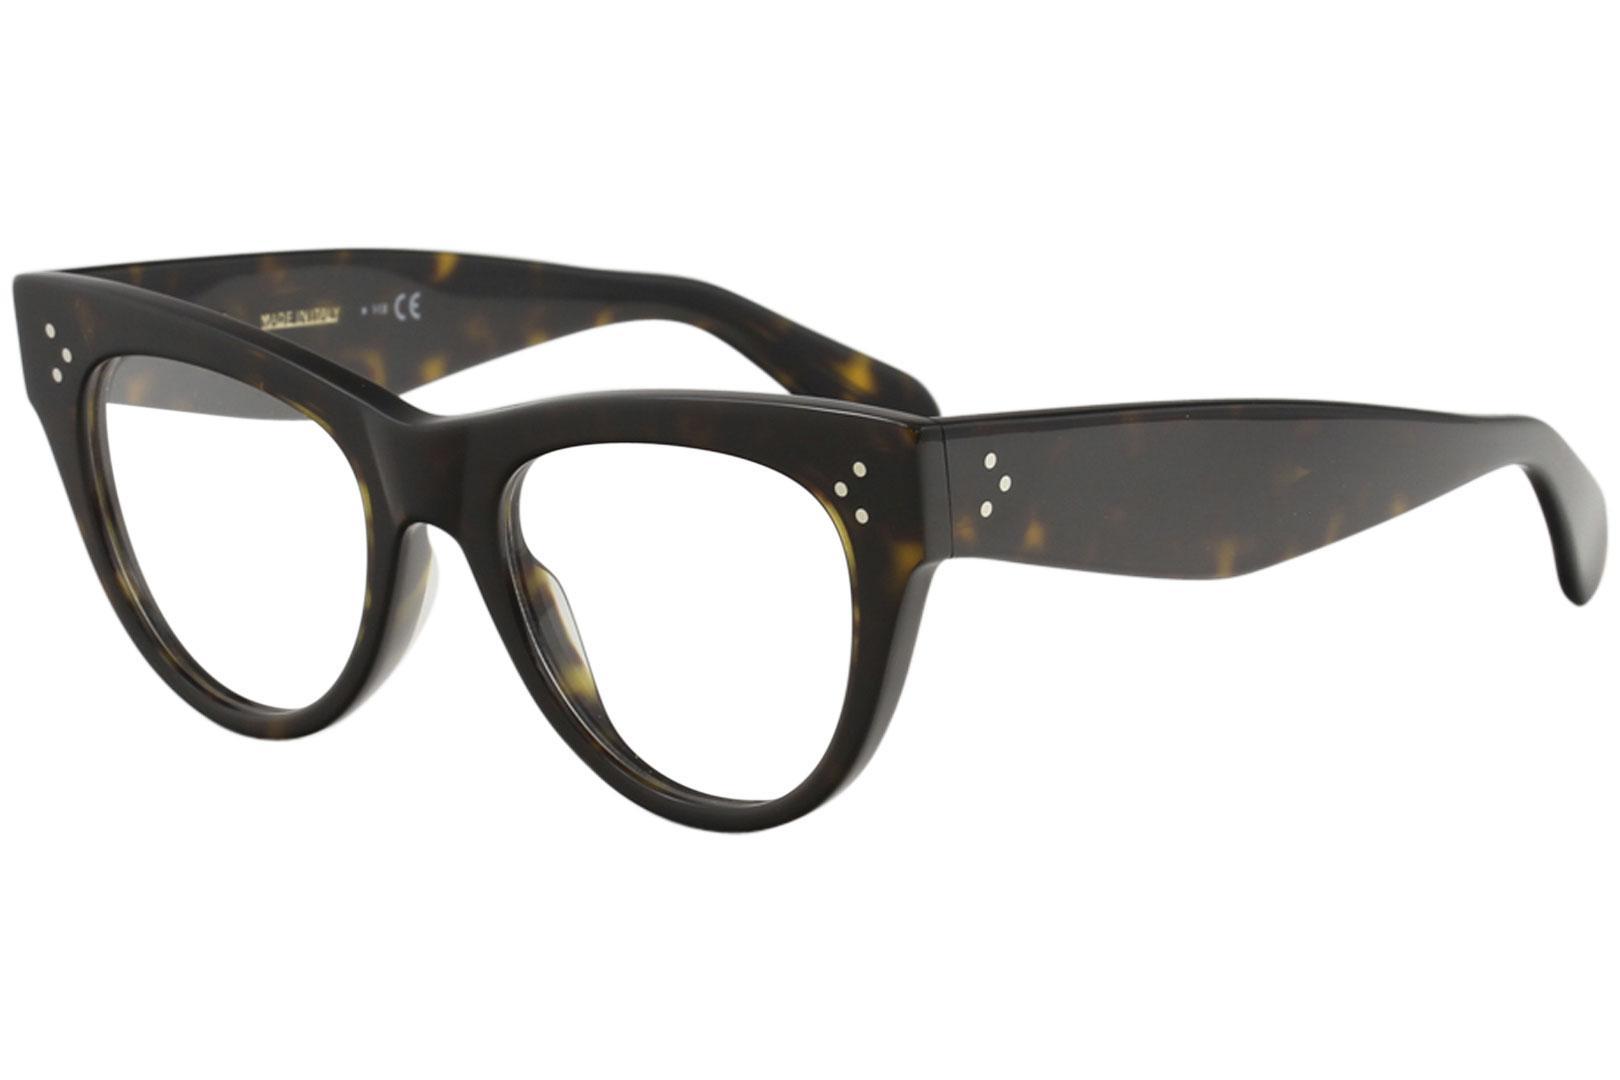 8ece8491e6ec Celine Womens Eyeglasses CL50003I CL   50003   I Full Rim Optical Frame